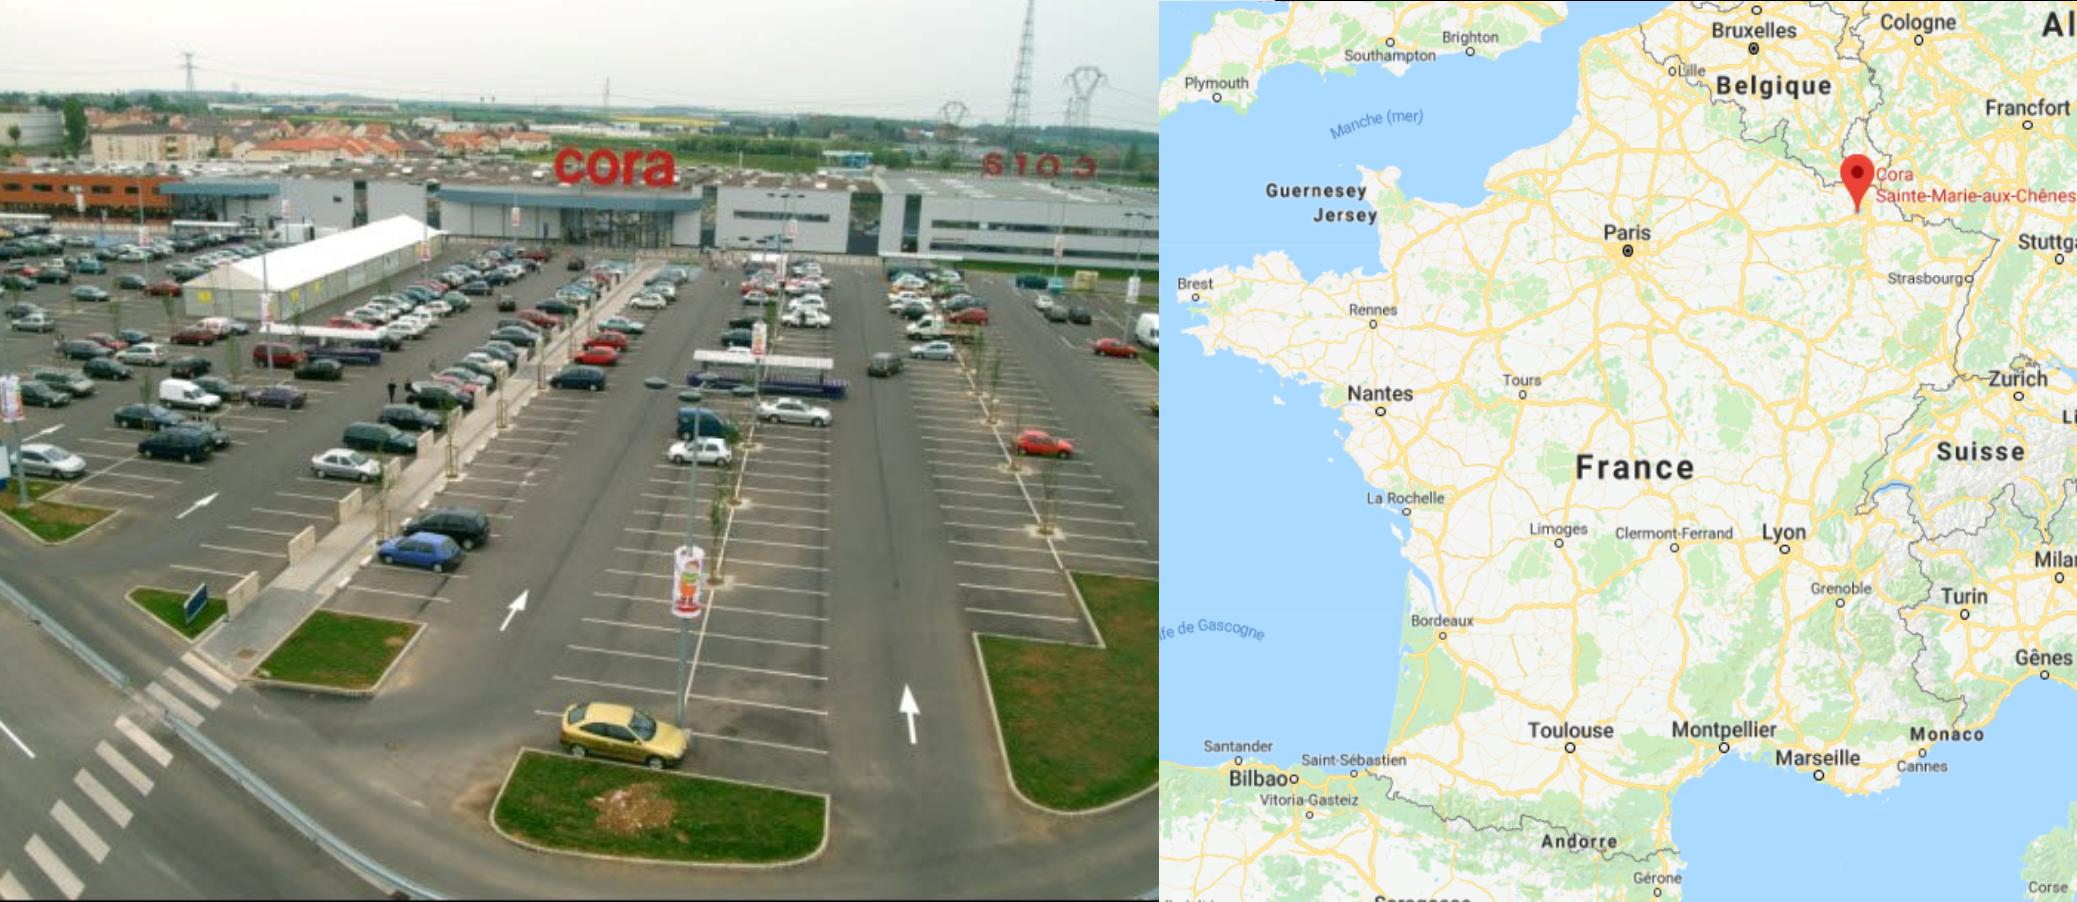 Centre commercial Cora Sainte-Marie-aux-Chênes